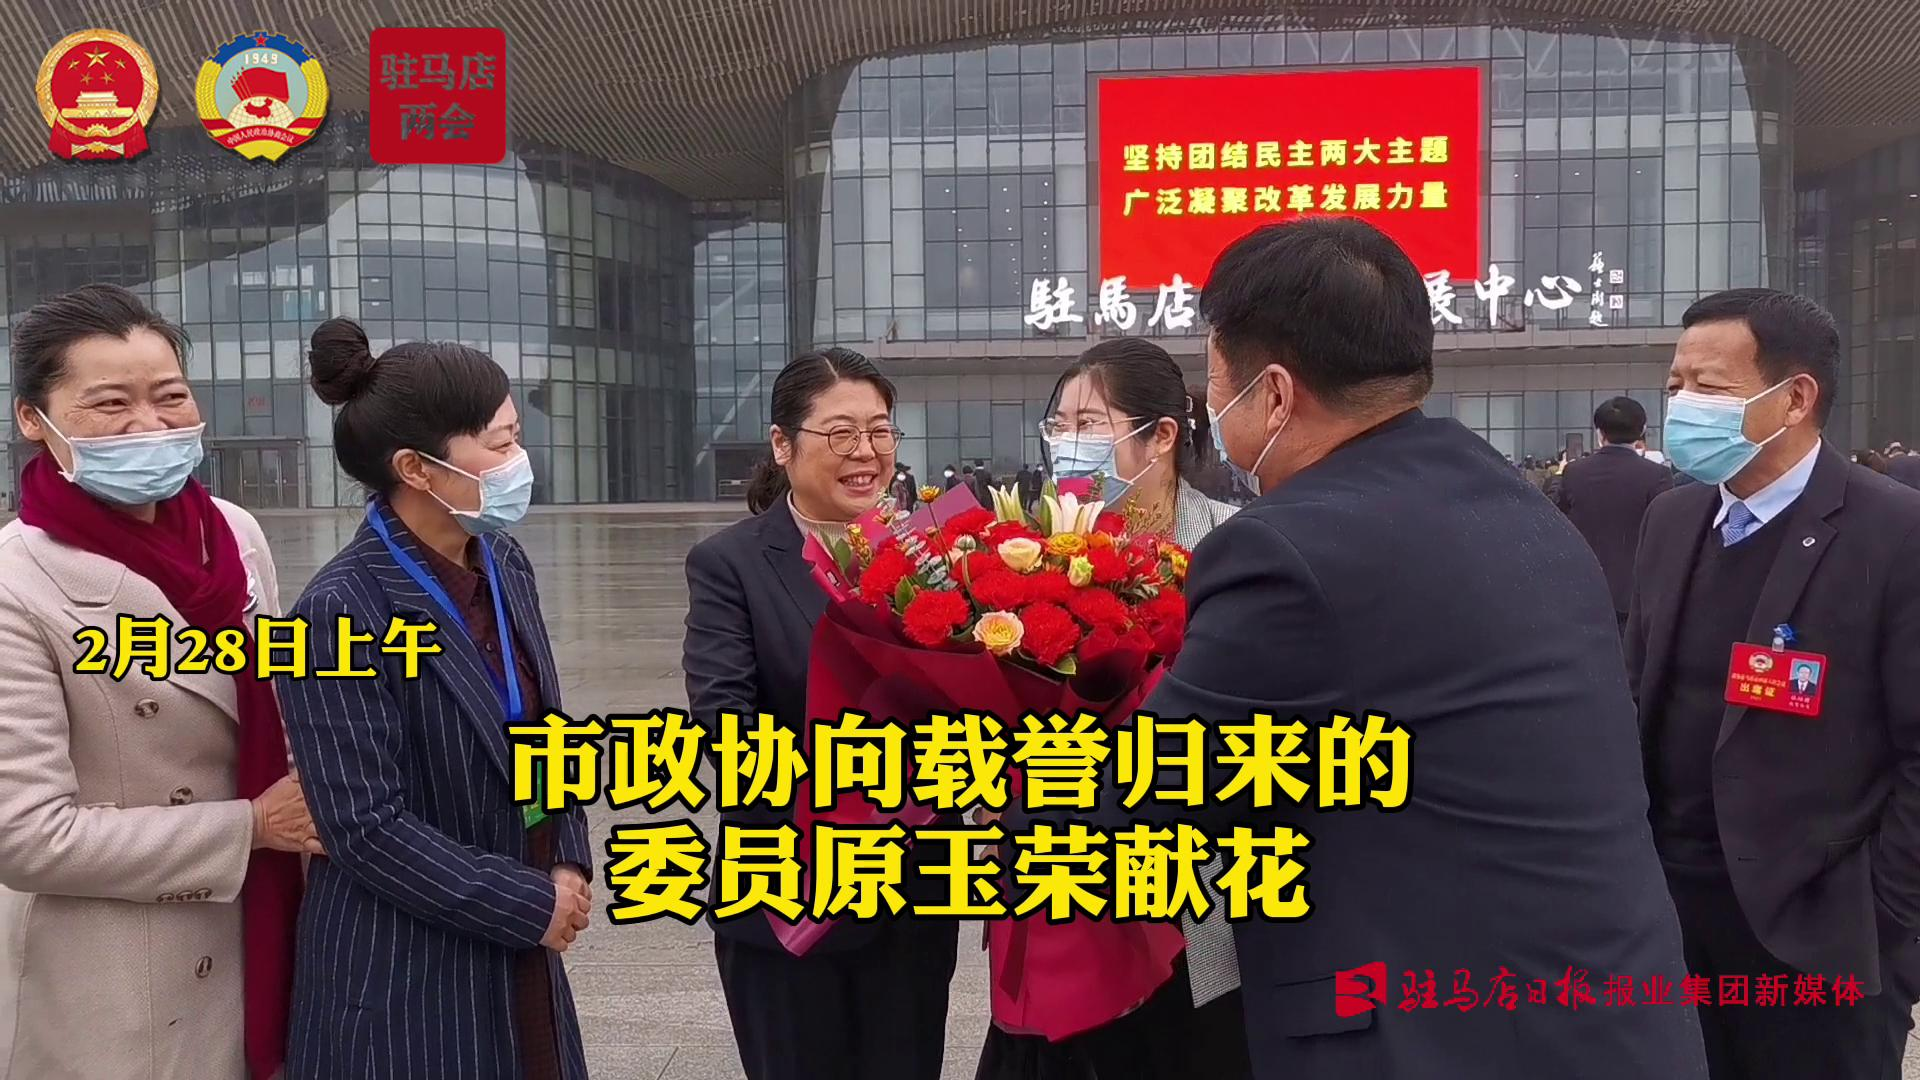 2月28日上午,市政协向载誉归来的委员原玉荣献花